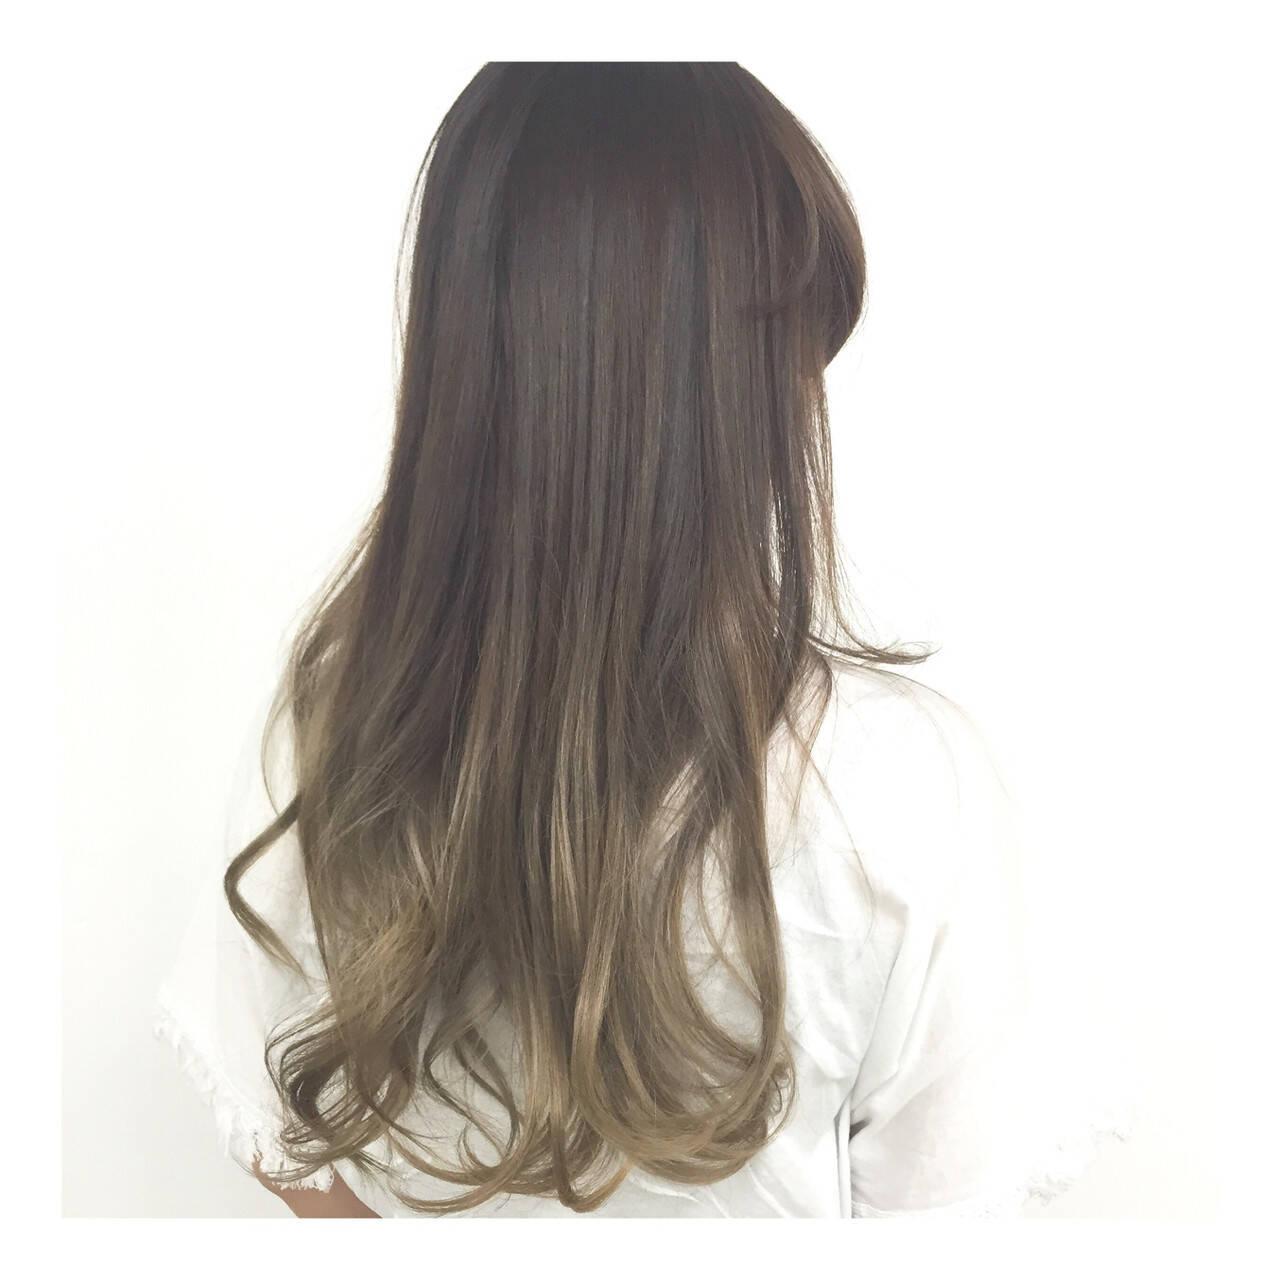 ハイトーン デザインカラー フェミニン 外国人風ヘアスタイルや髪型の写真・画像